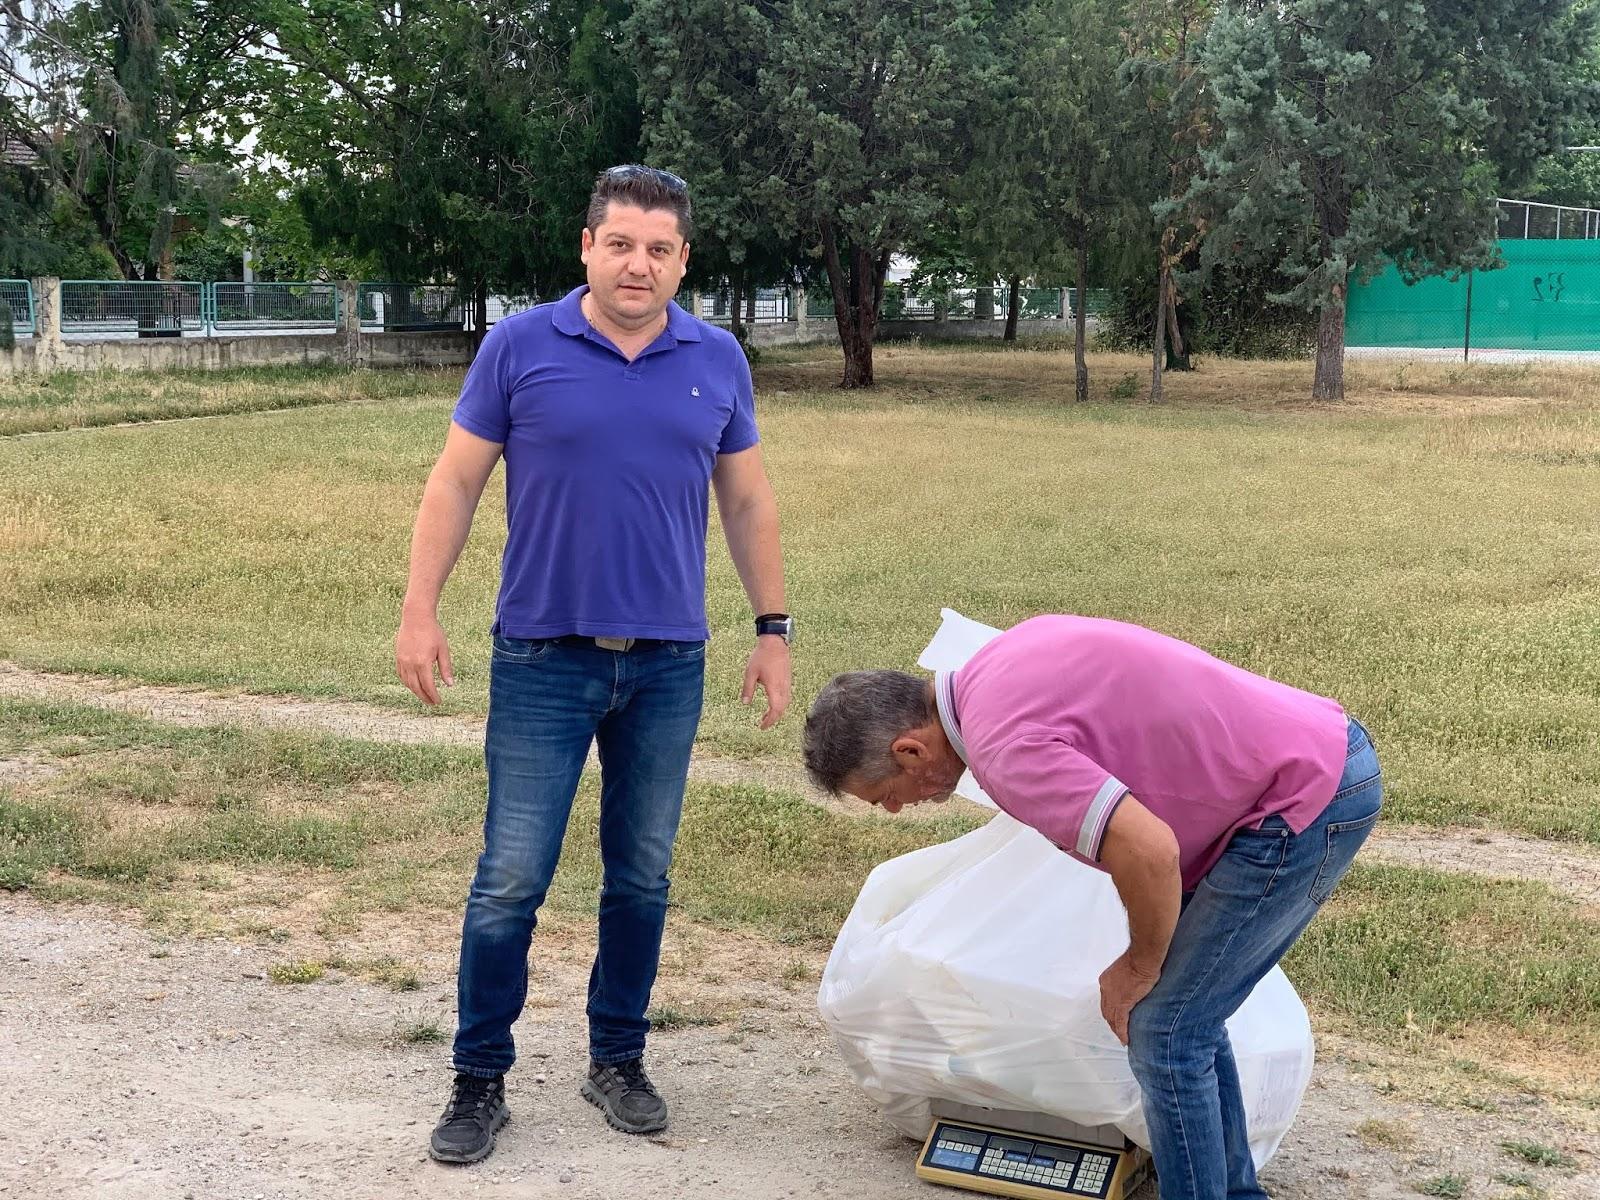 Συνεχίζεται η συλλογή κενών συσκευασιών φυτοπροστατευτικών προϊόντων στον Δήμο Τυρνάβου